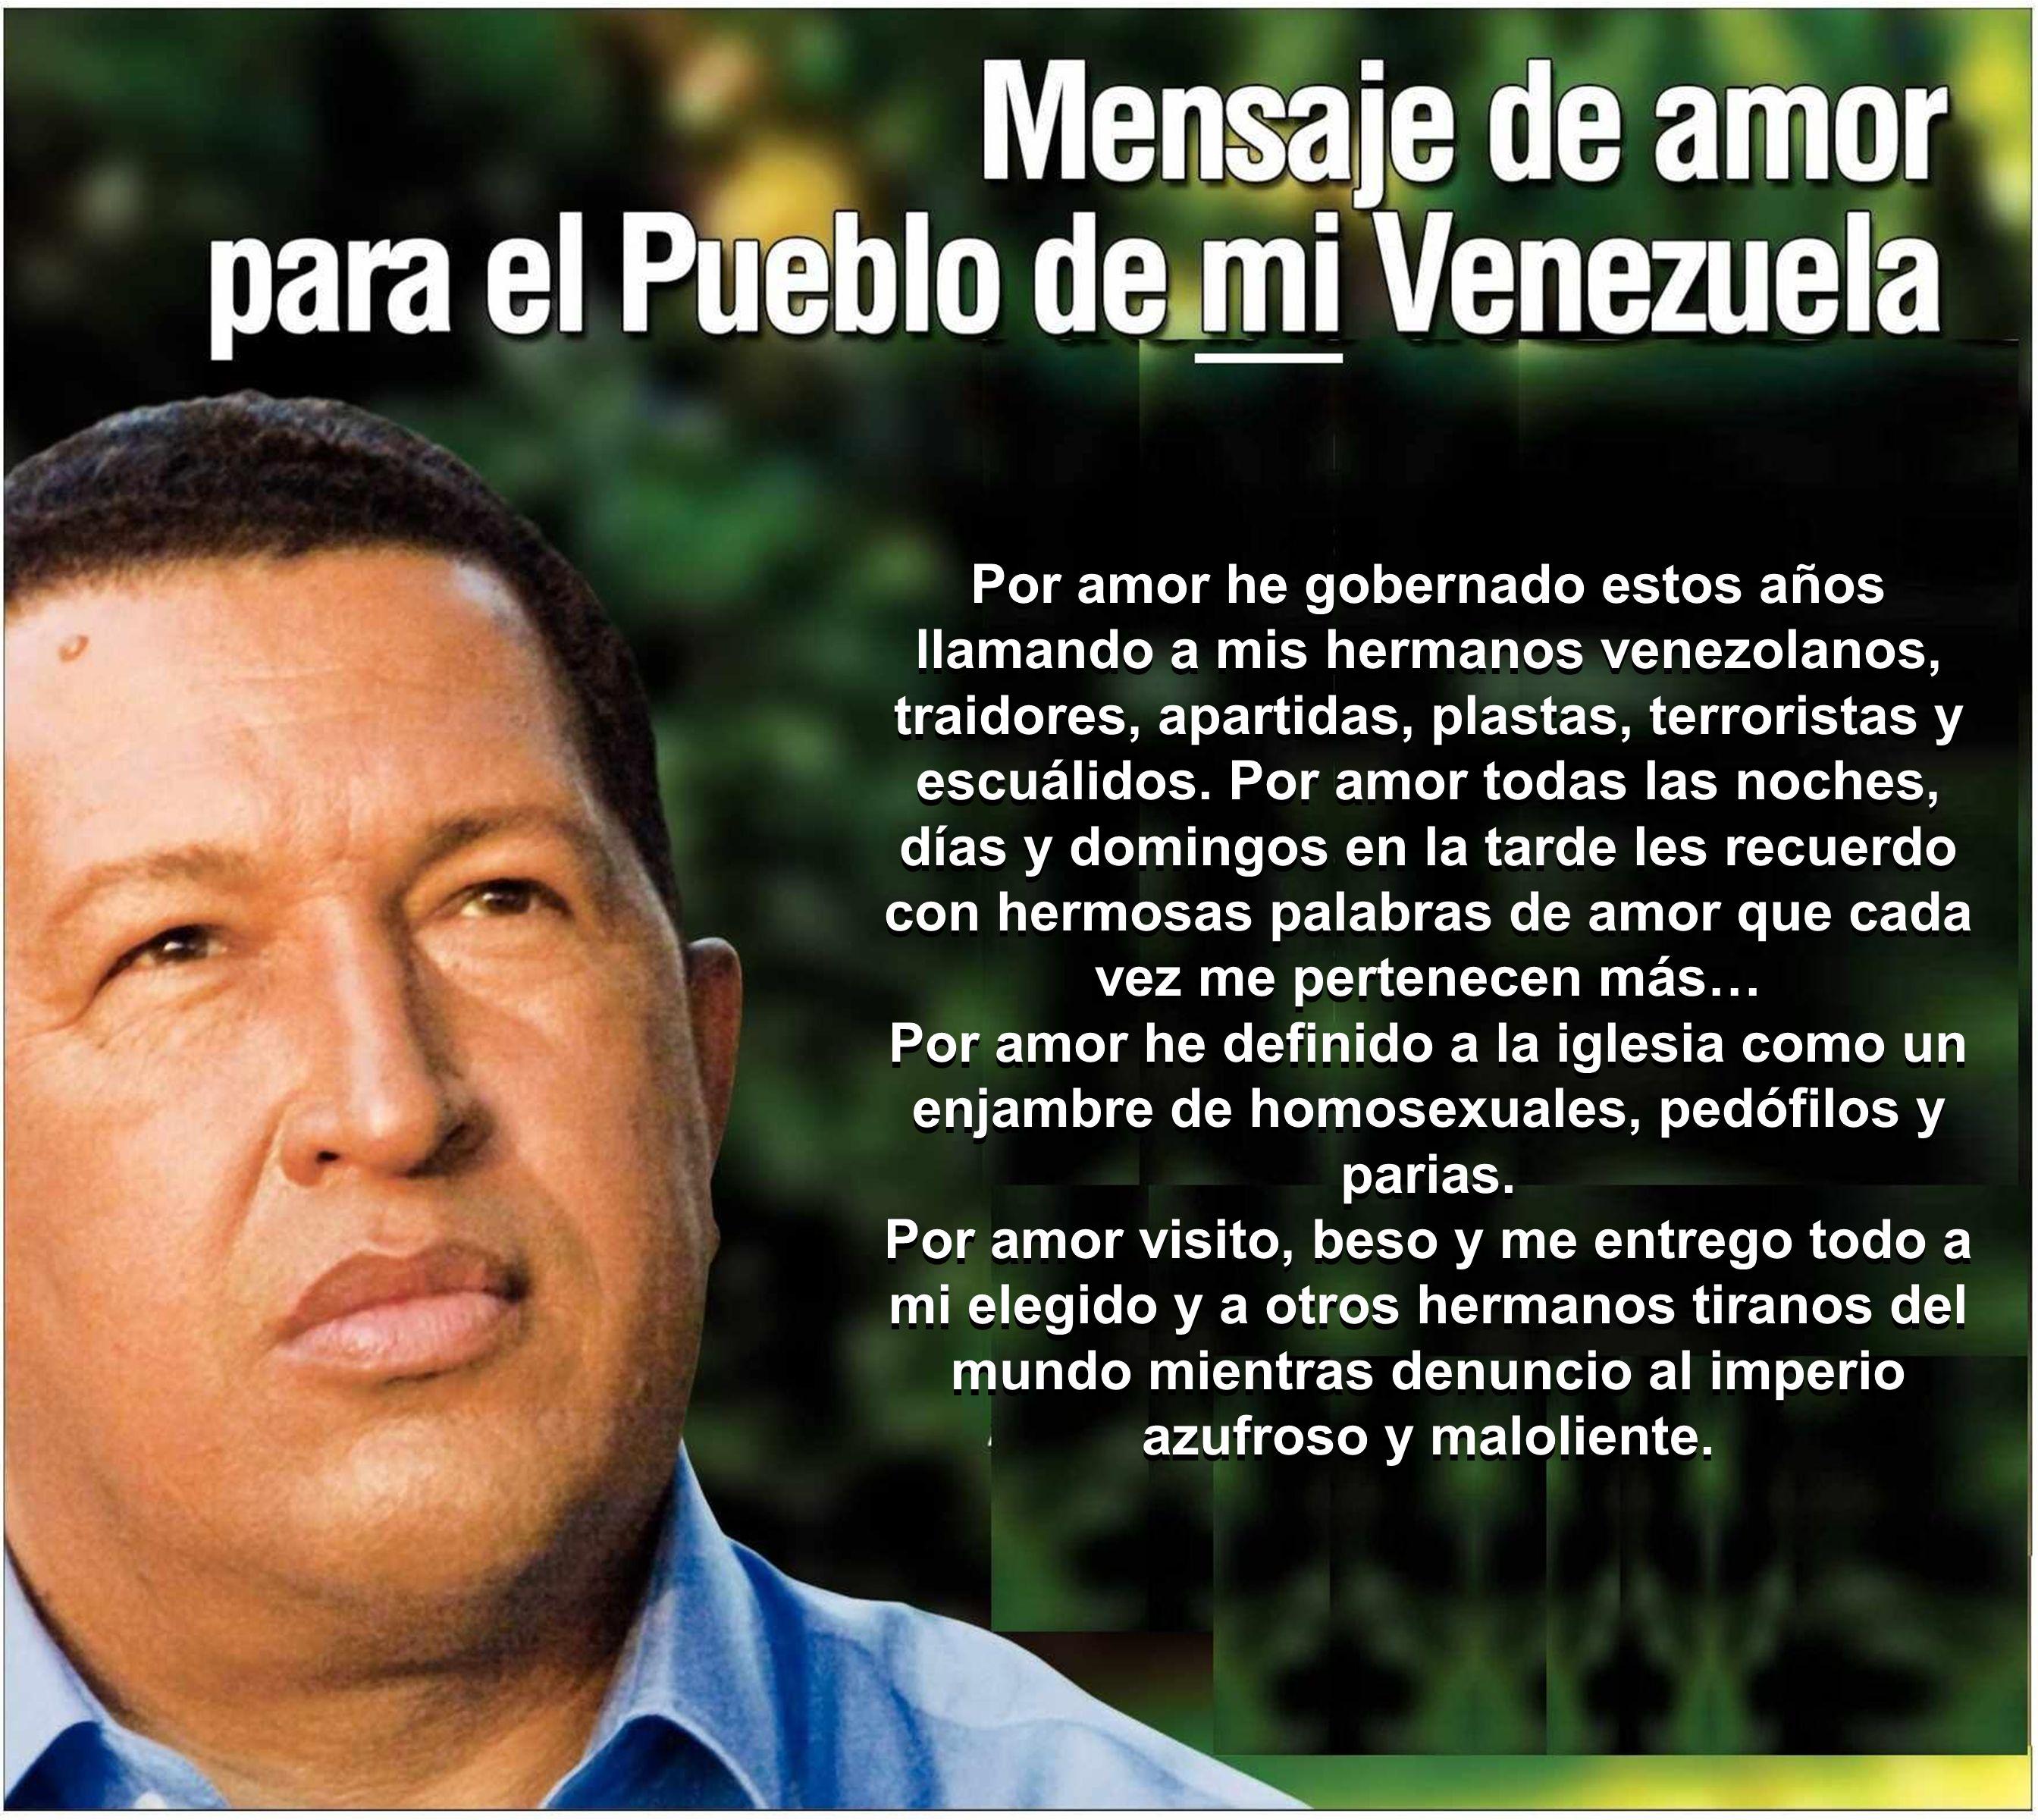 Por amor he gobernado estos años llamando a mis hermanos venezolanos, traidores, apartidas, plastas, terroristas y escuálidos. Por amor todas las noch